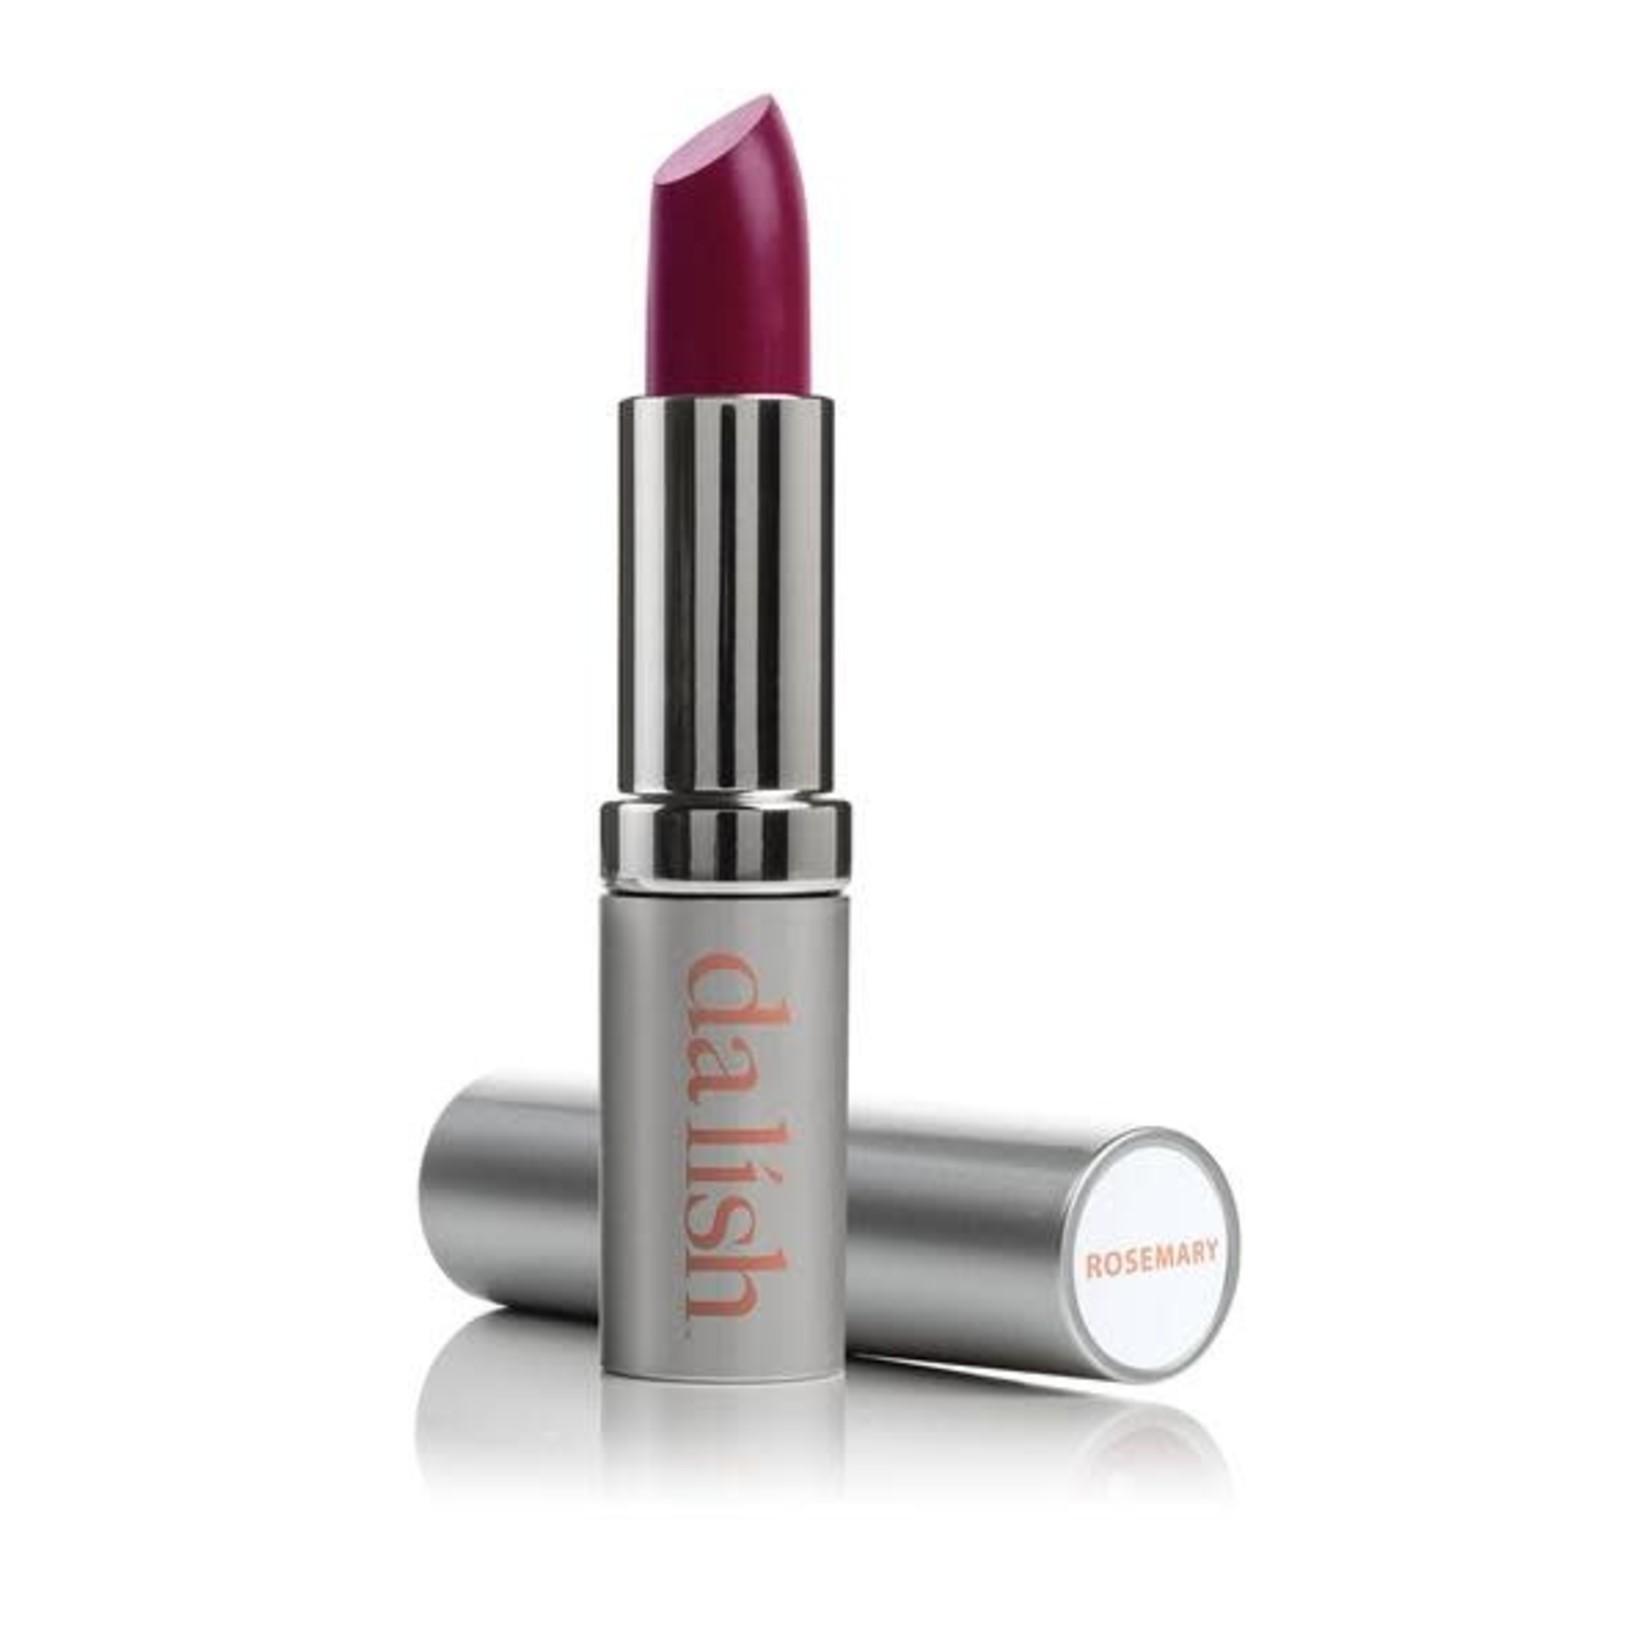 Dalish Lipstick